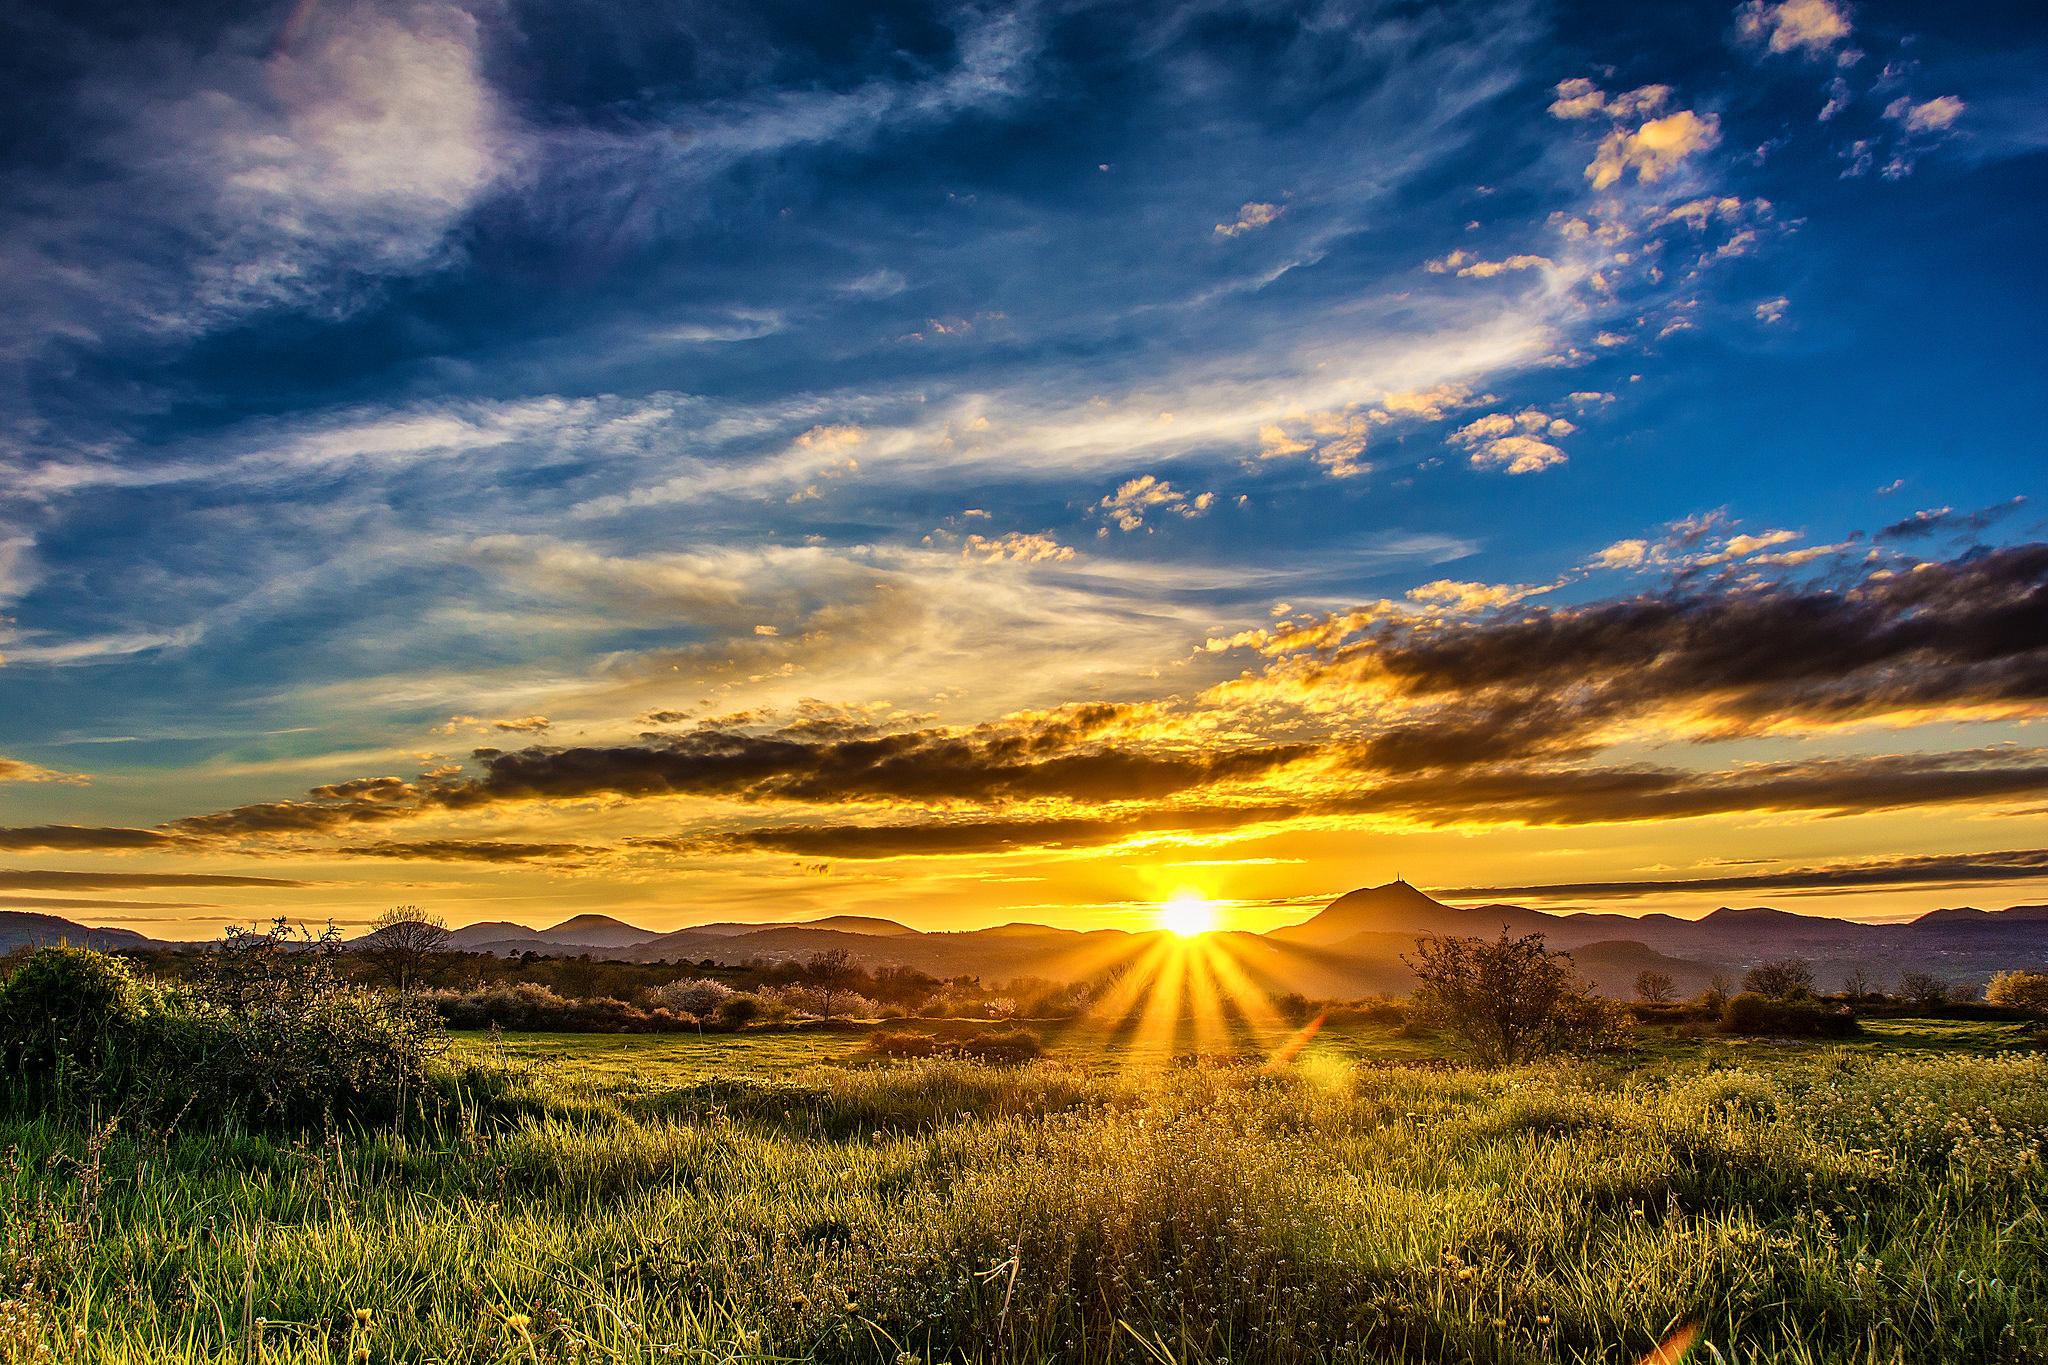 Картинки солнца и пейзажи красивые большие много